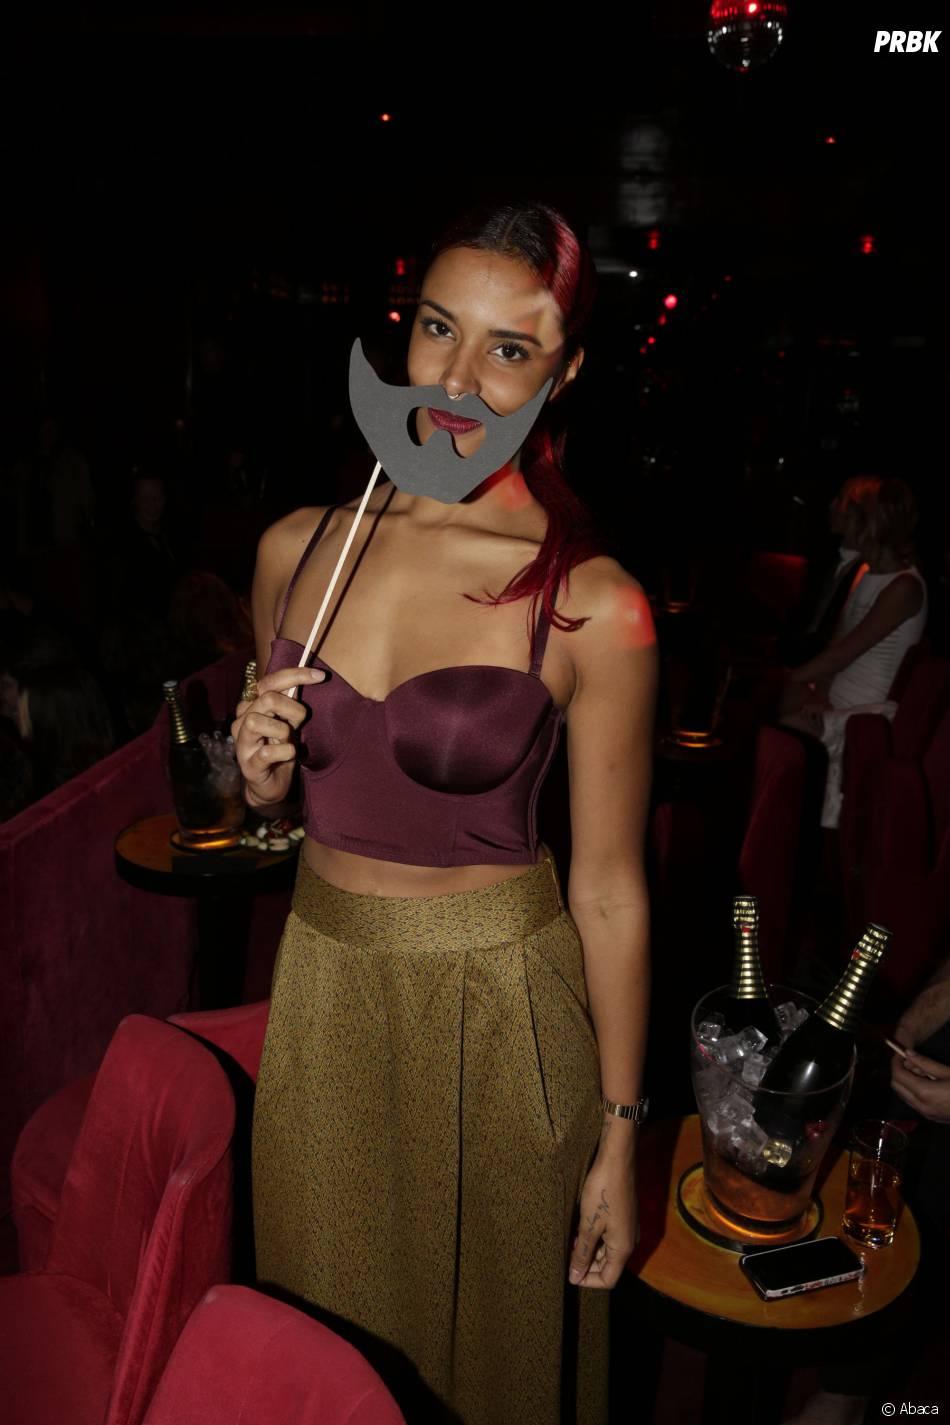 Concert de Conchitat Wurst dimanche 9 novembre 2014 au Crazy Horse à Paris : Shy'm, femme à barbe